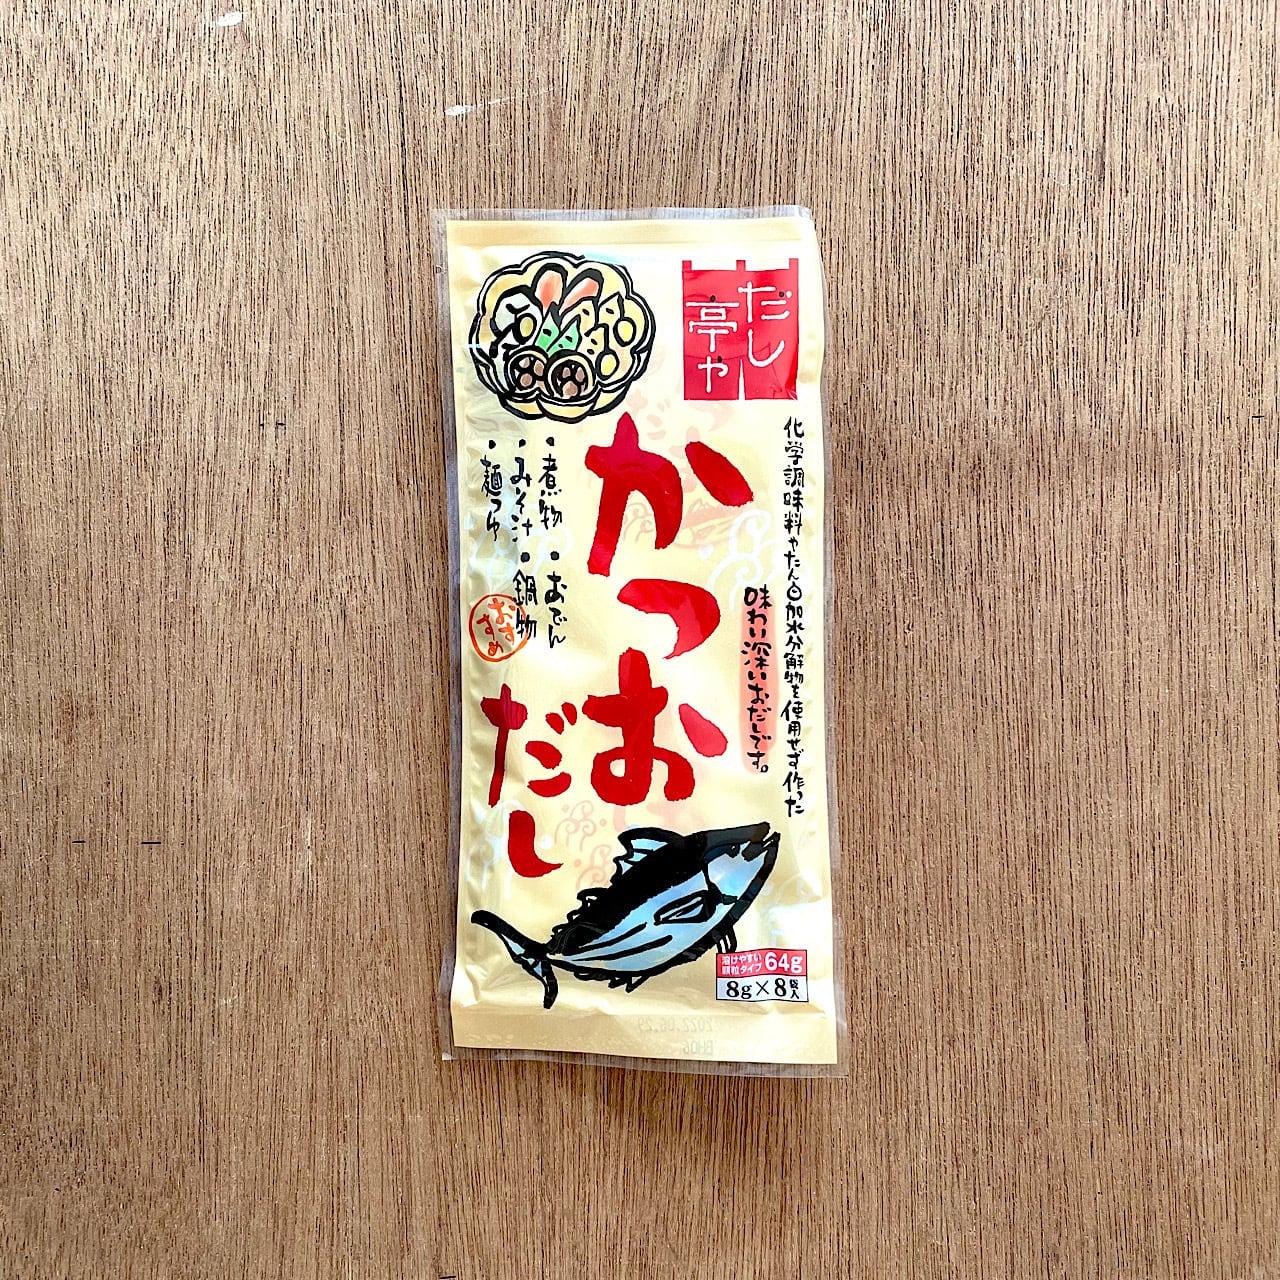 だし亭や かつおだし (袋入) 8g×8